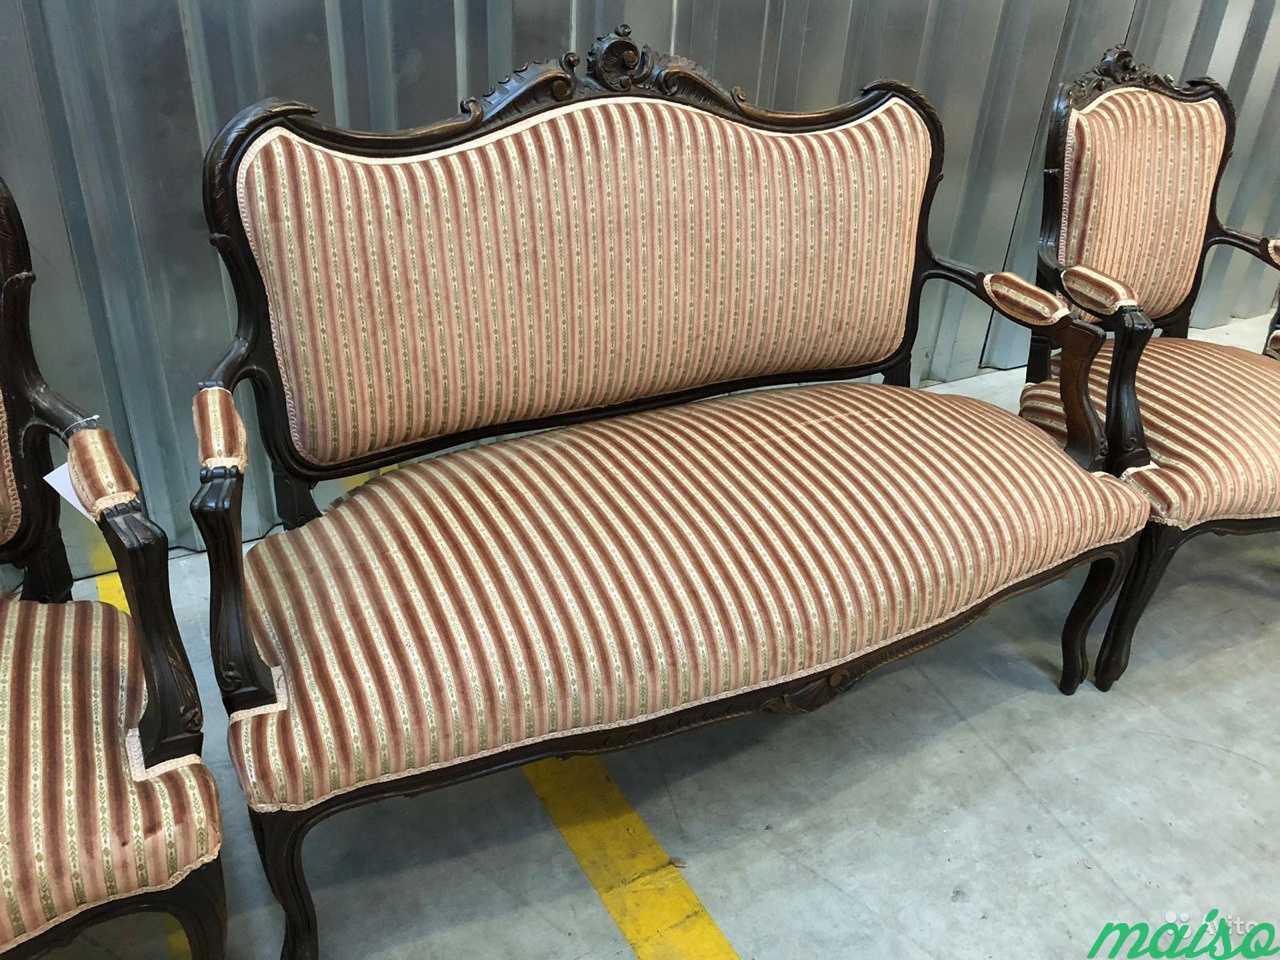 Комплект мебели.Кресло.стол.диван.Антиквариат.Евро в Москве. Фото 2